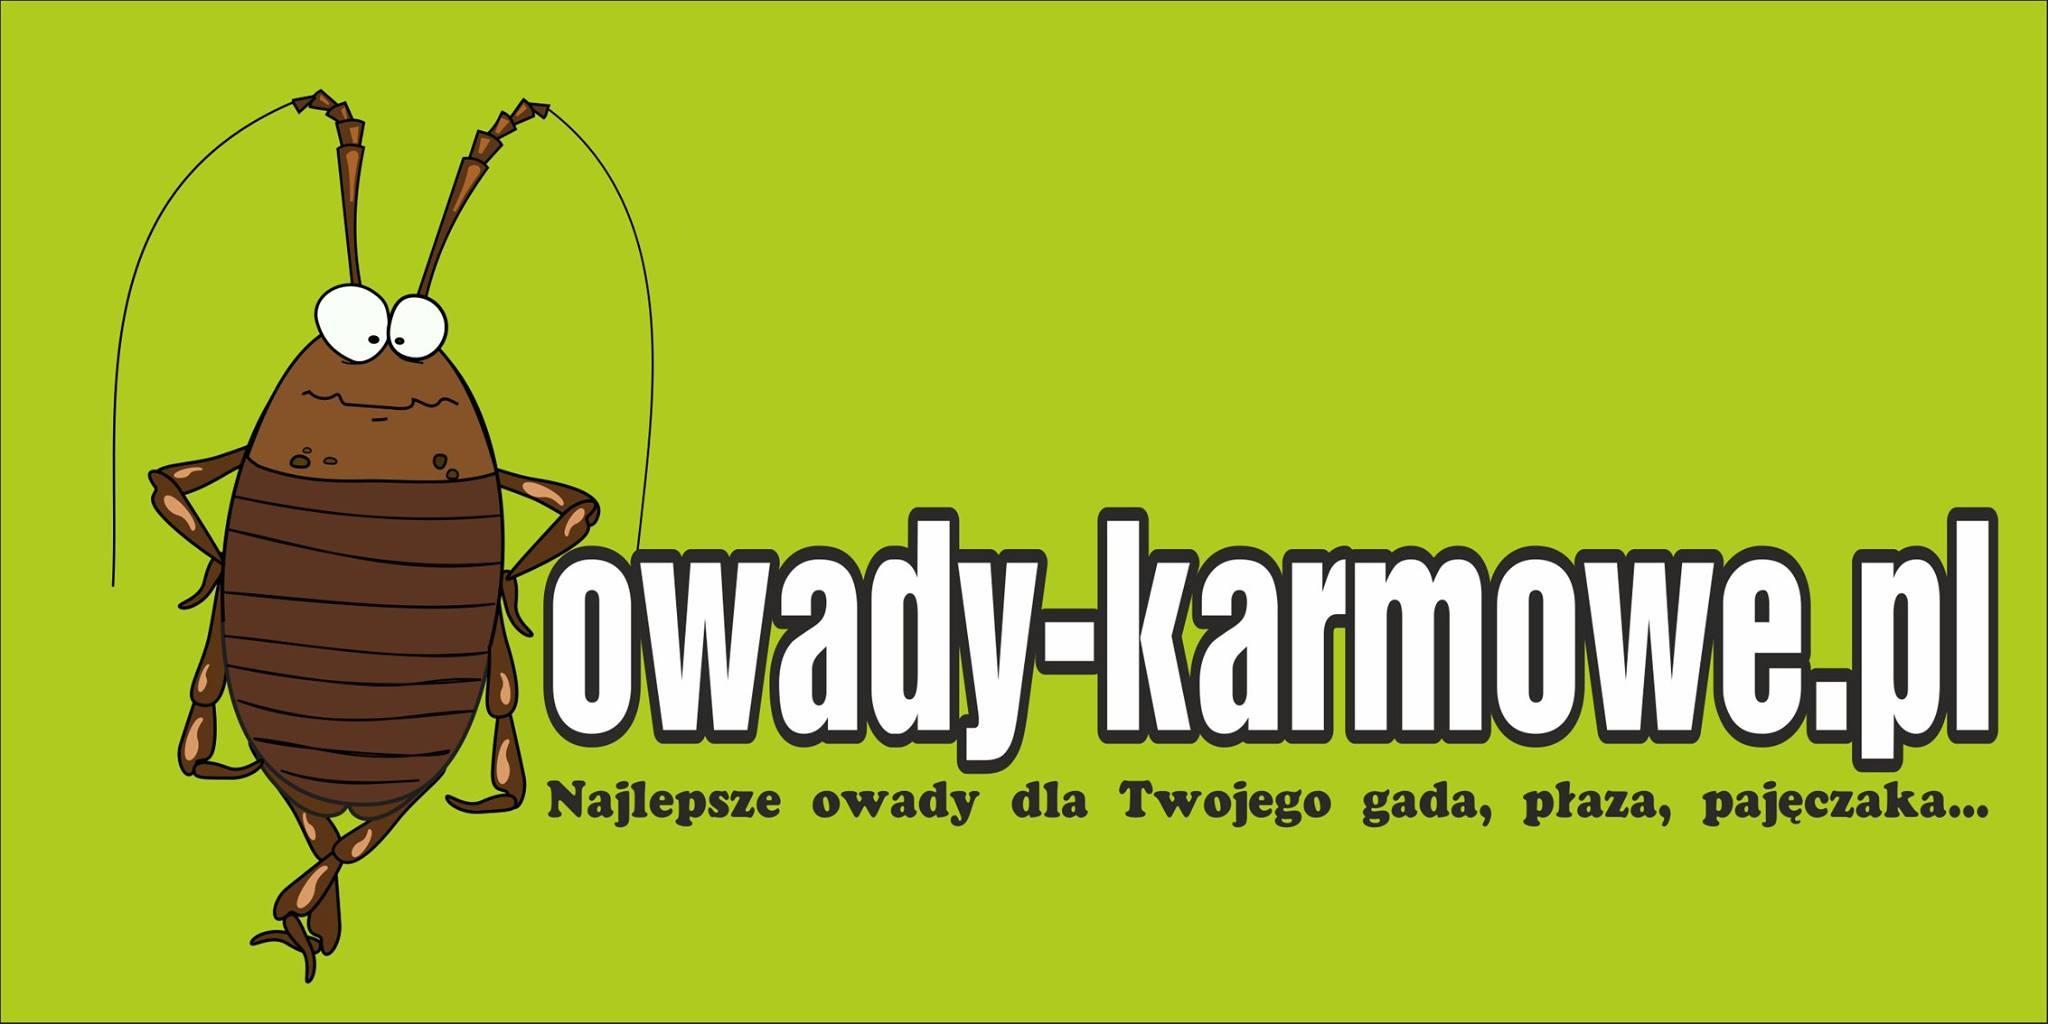 owady-karmowe.pl